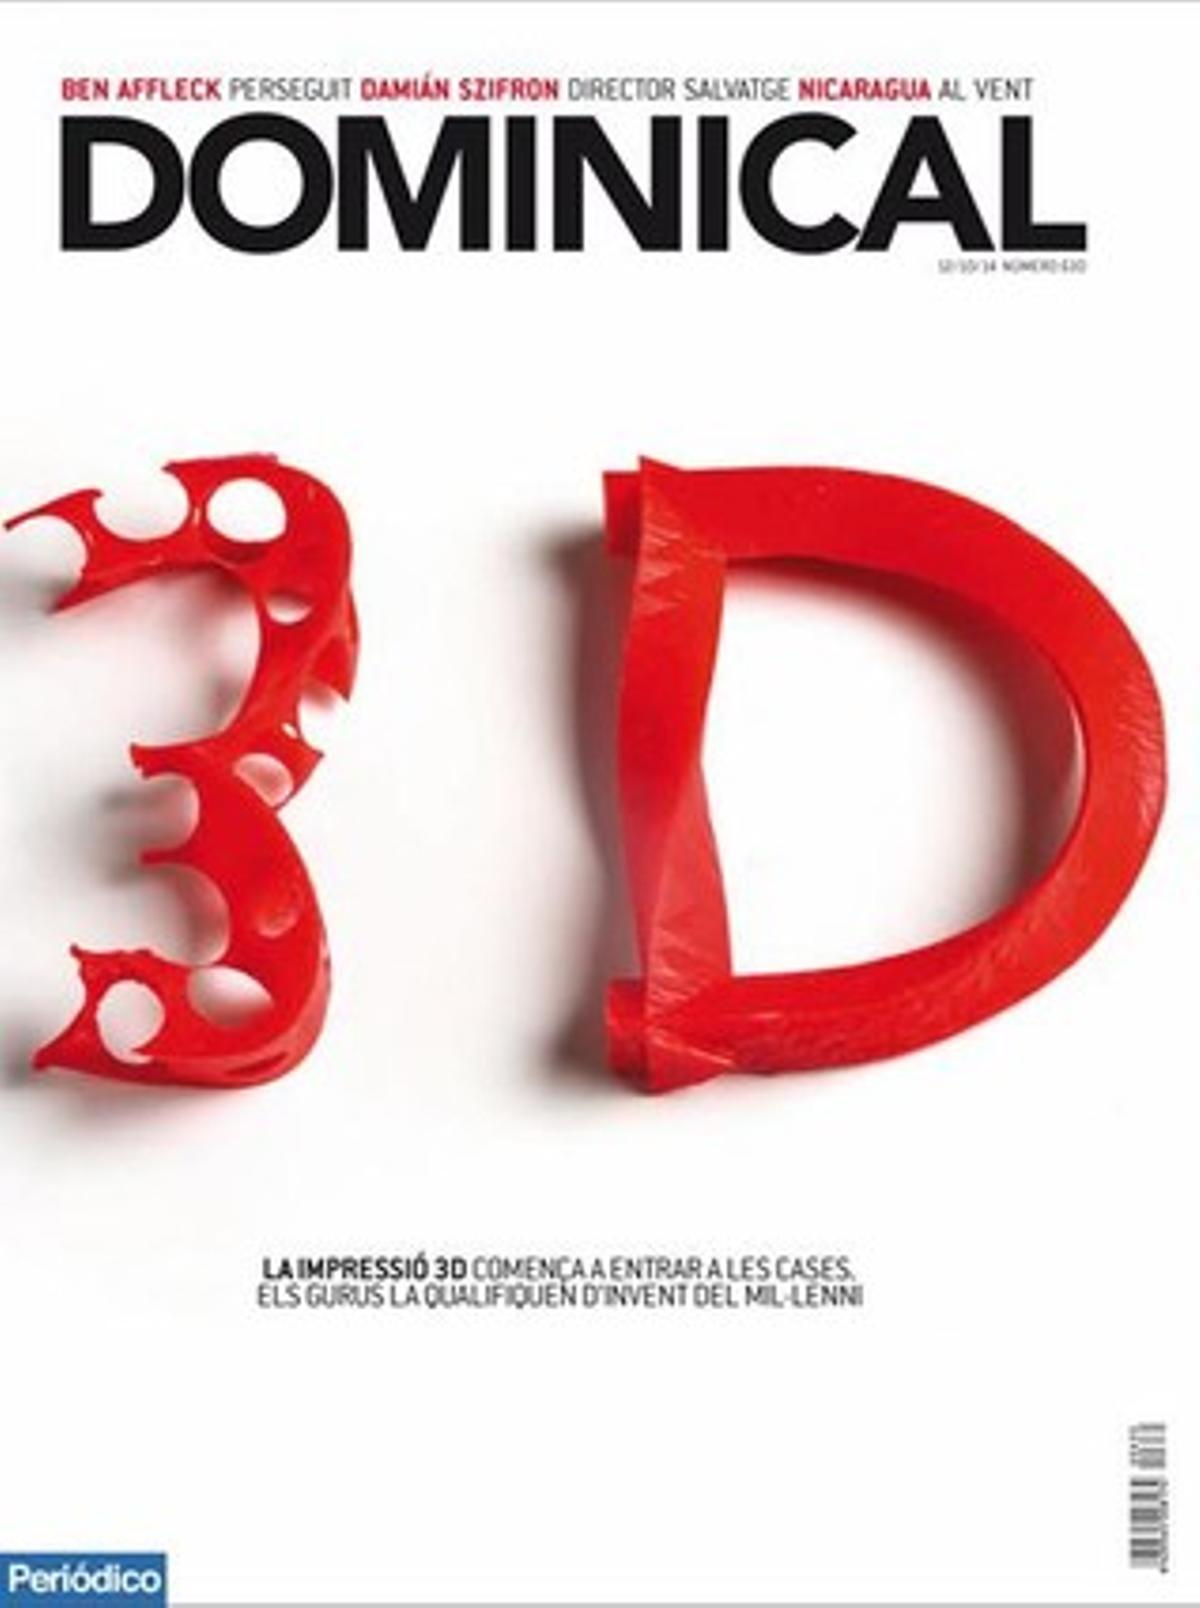 La impresión 3D comienza a entrar en las casas